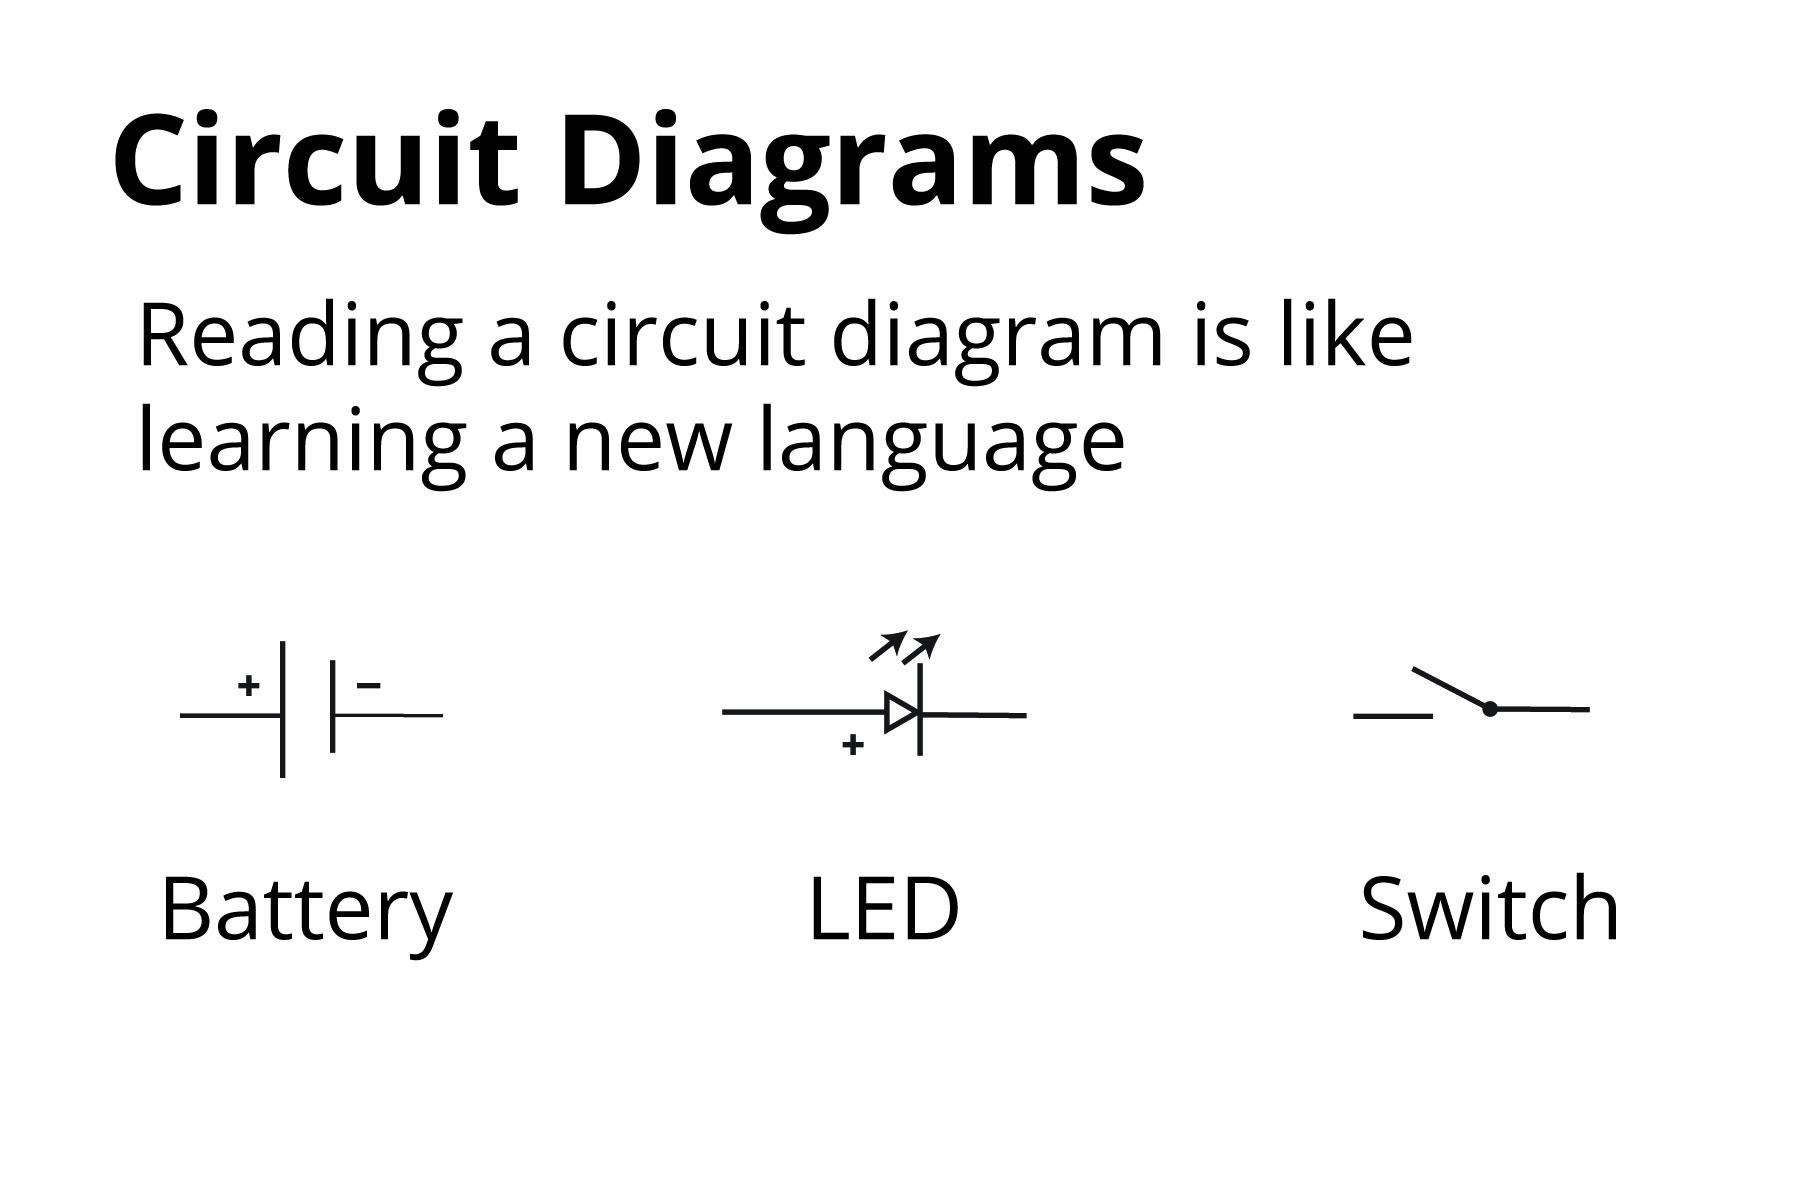 lectrify Curriculum Cards copy-10.jpg